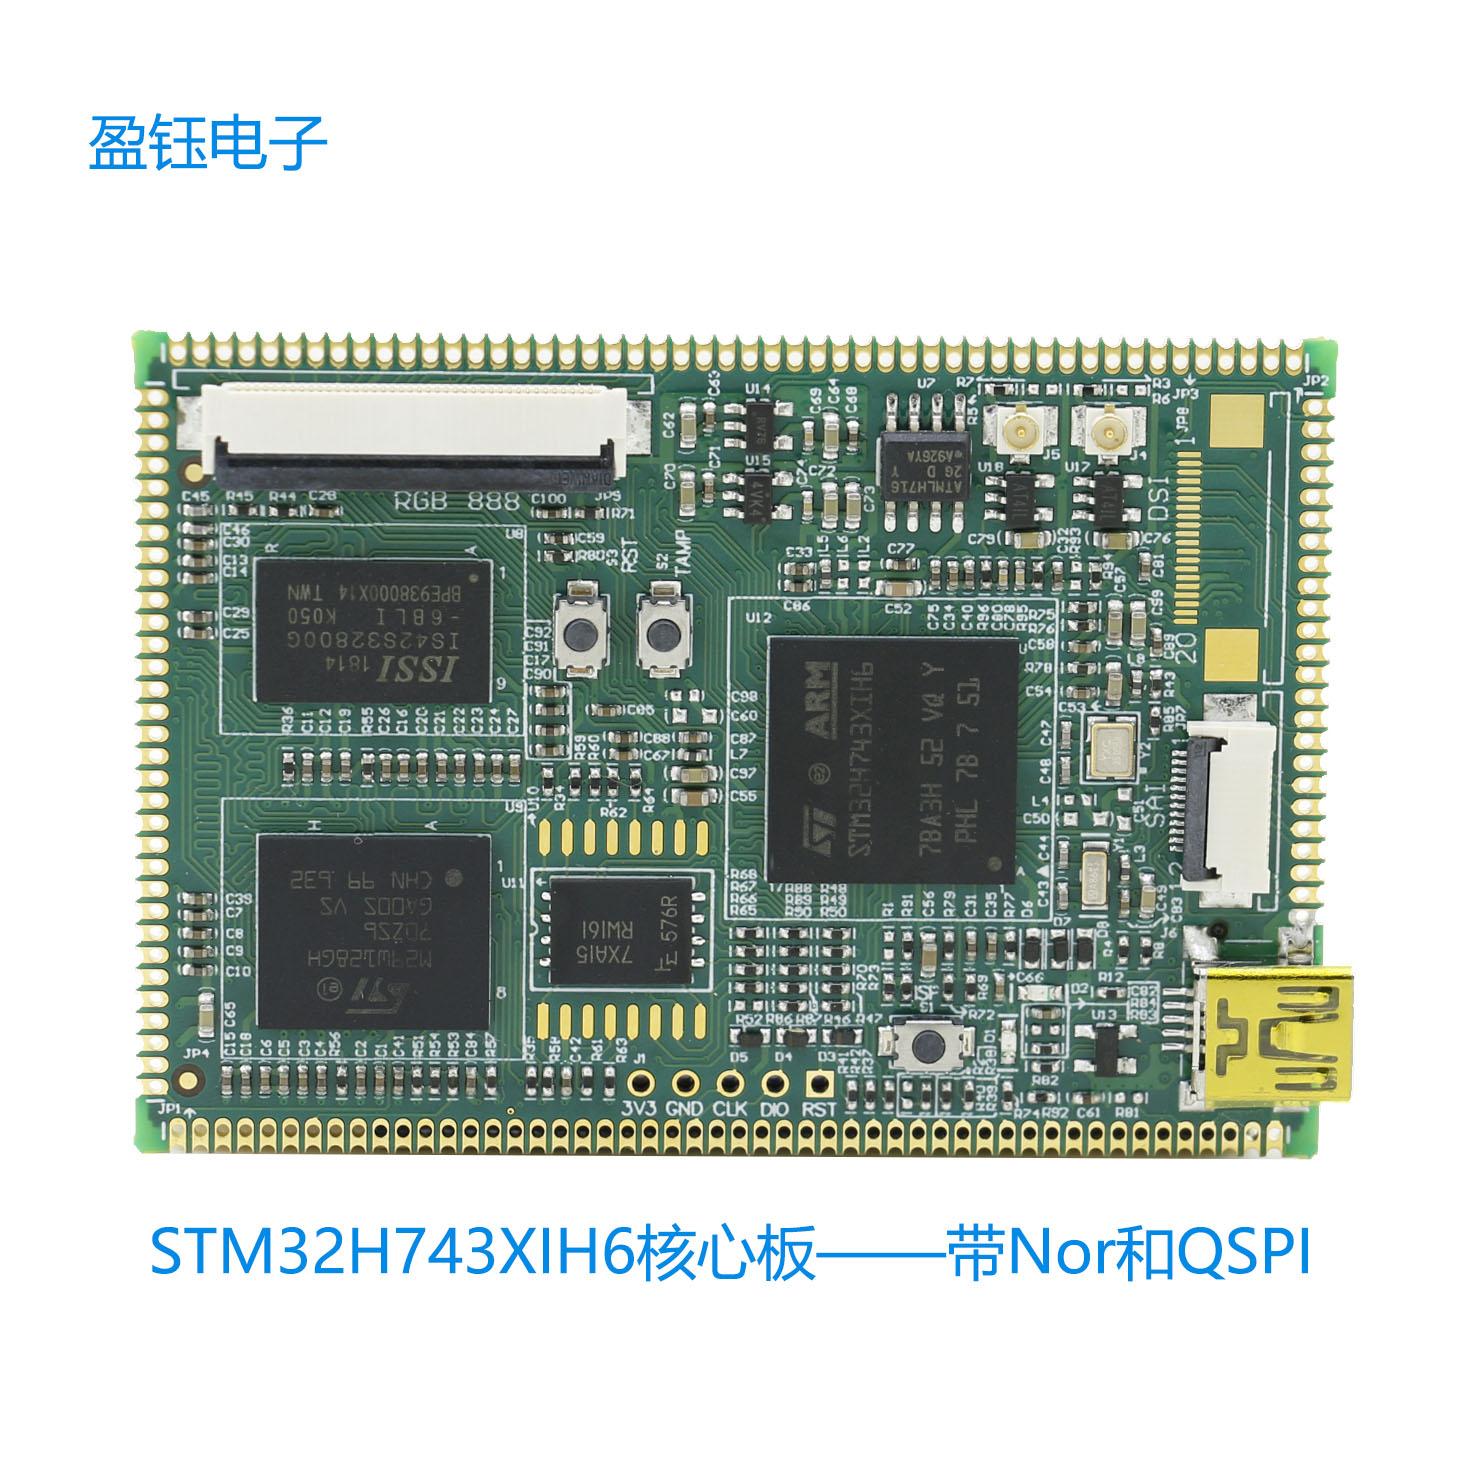 لوحة Stm32h743xi الأساسية, Stm32h743xih6 32 بت عرض البيانات SDRAM